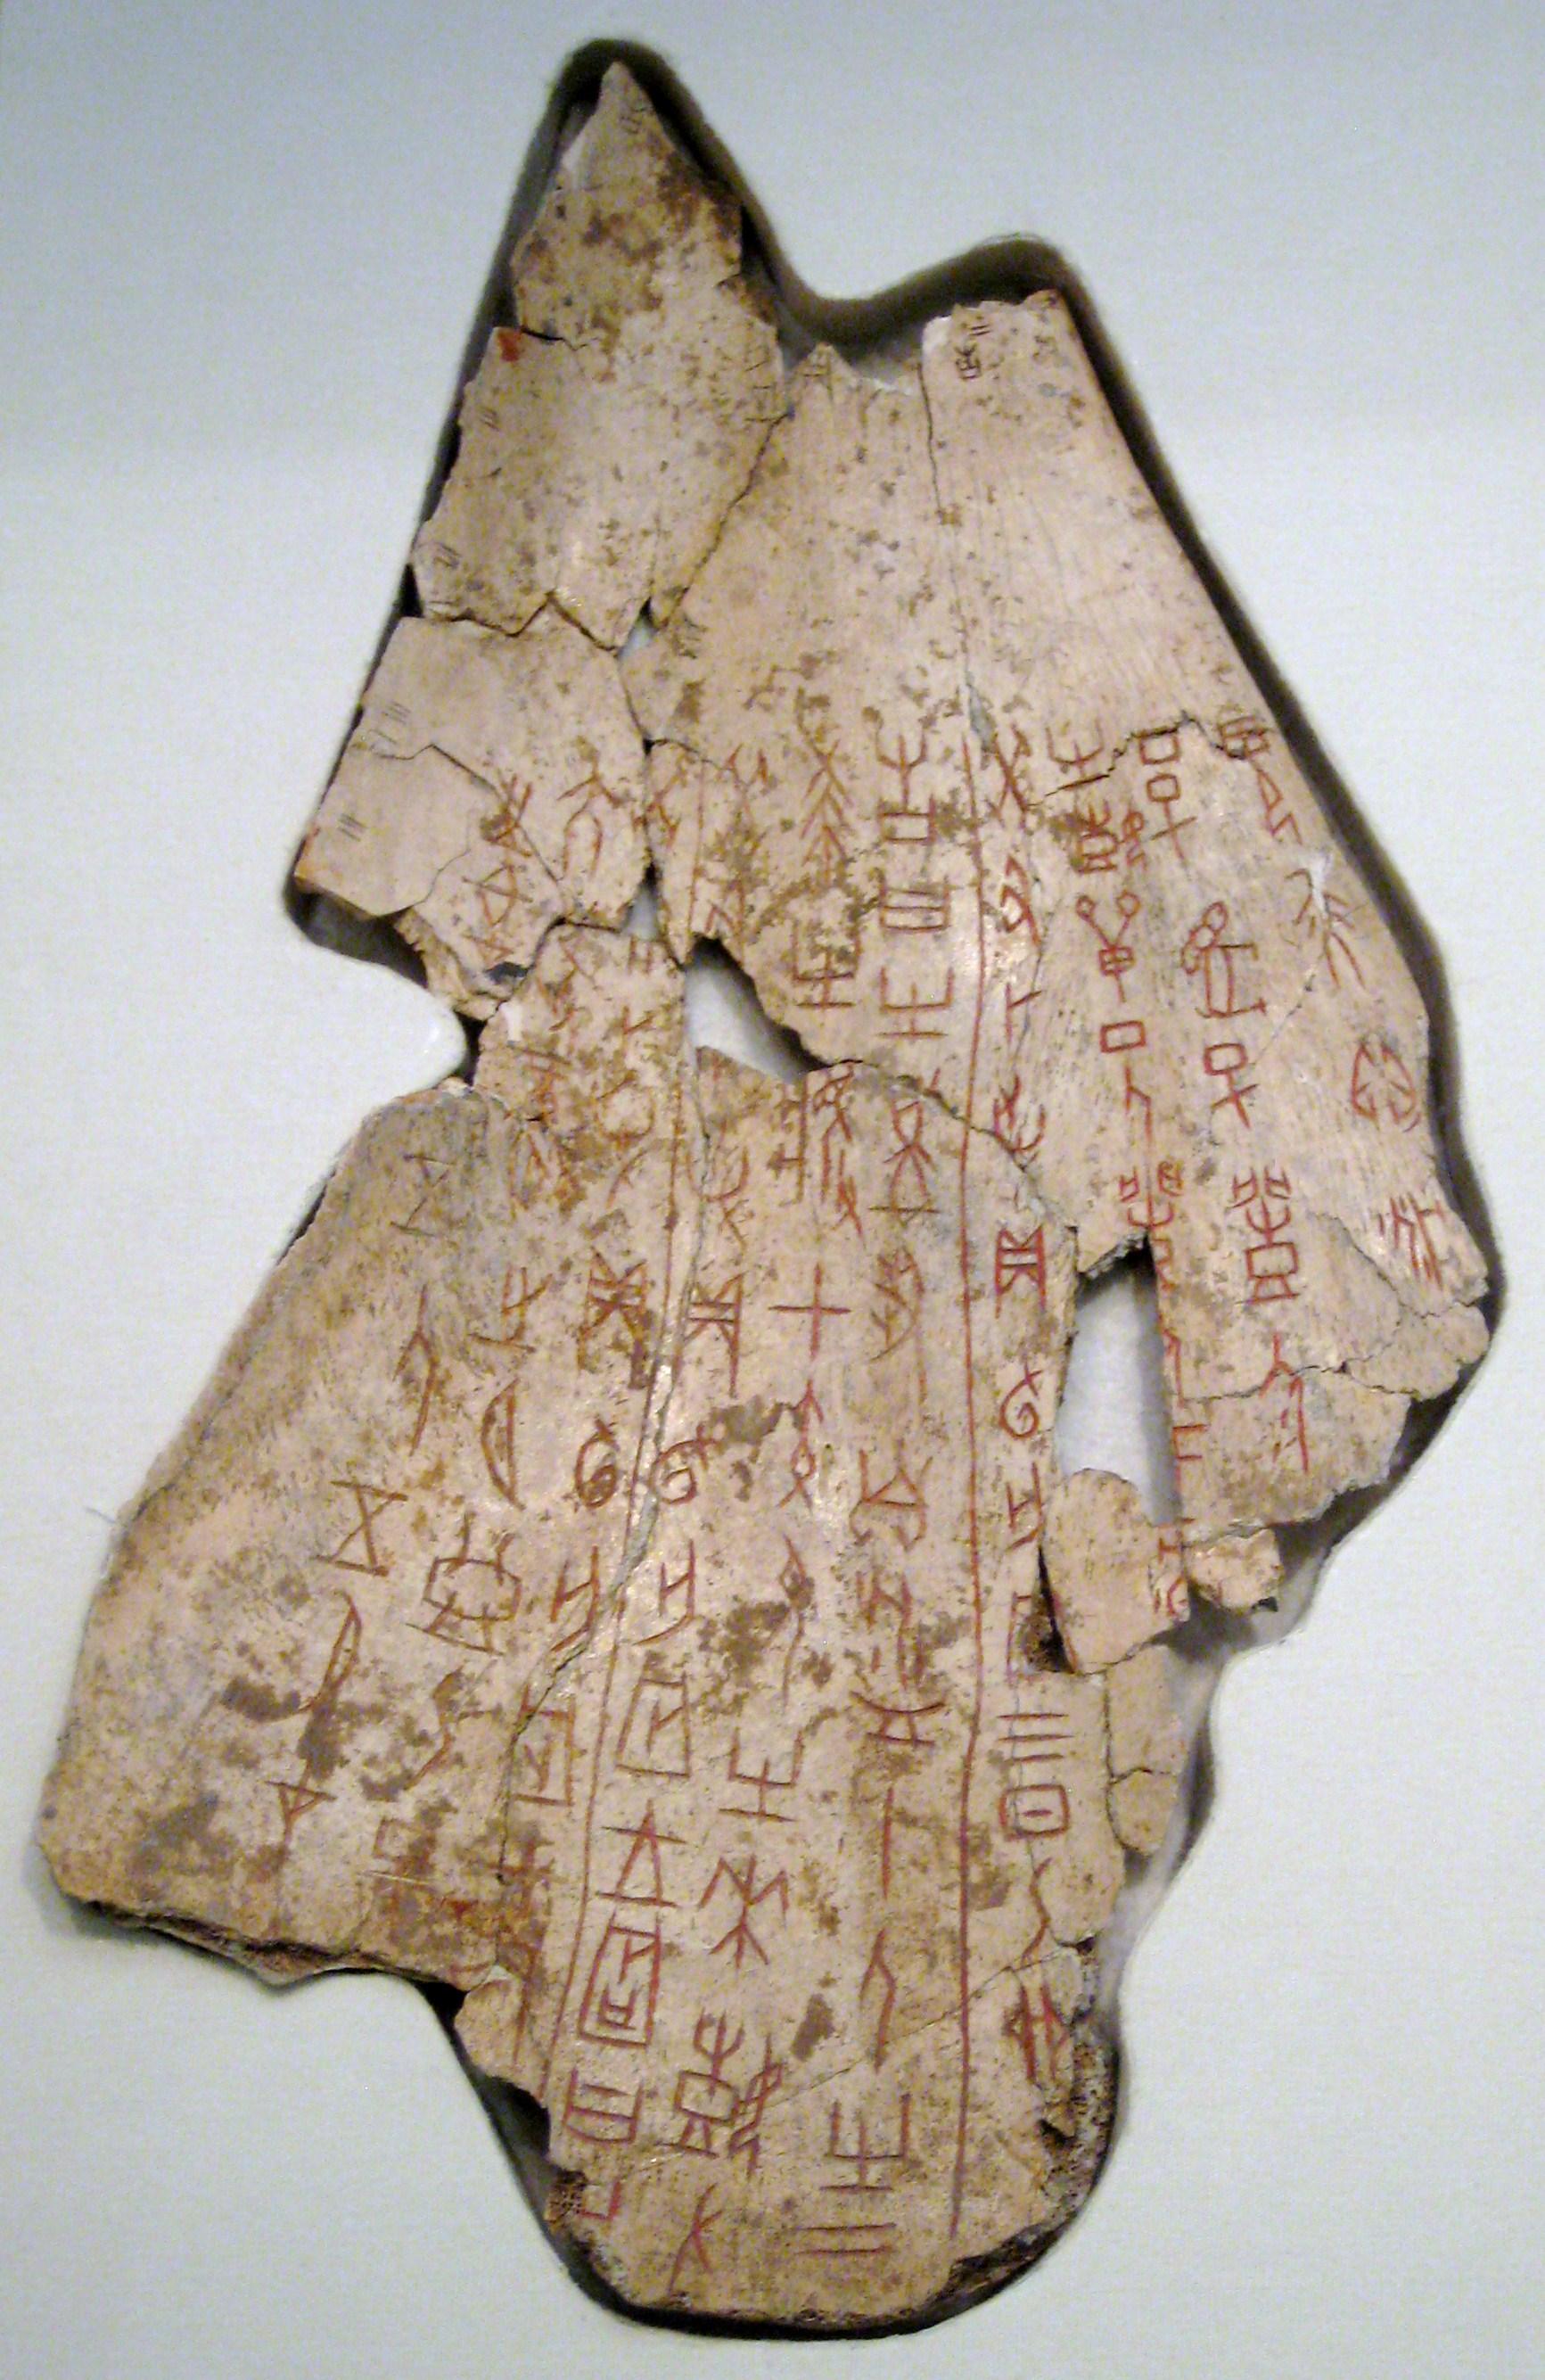 Cangjie's Oracle Bone Script